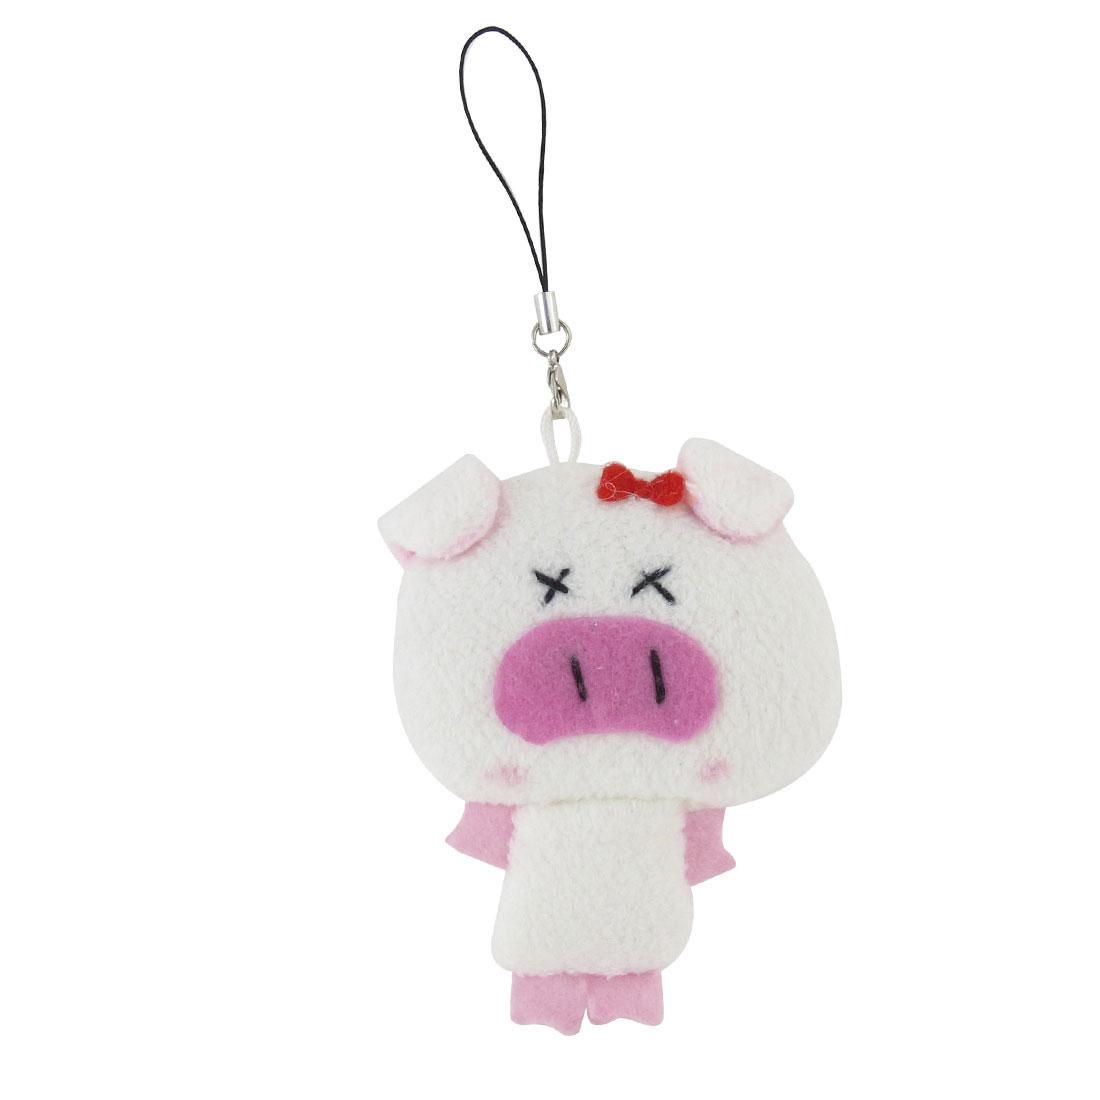 White Fleece Bowtie Decoration Pig Pendant Phone Strap